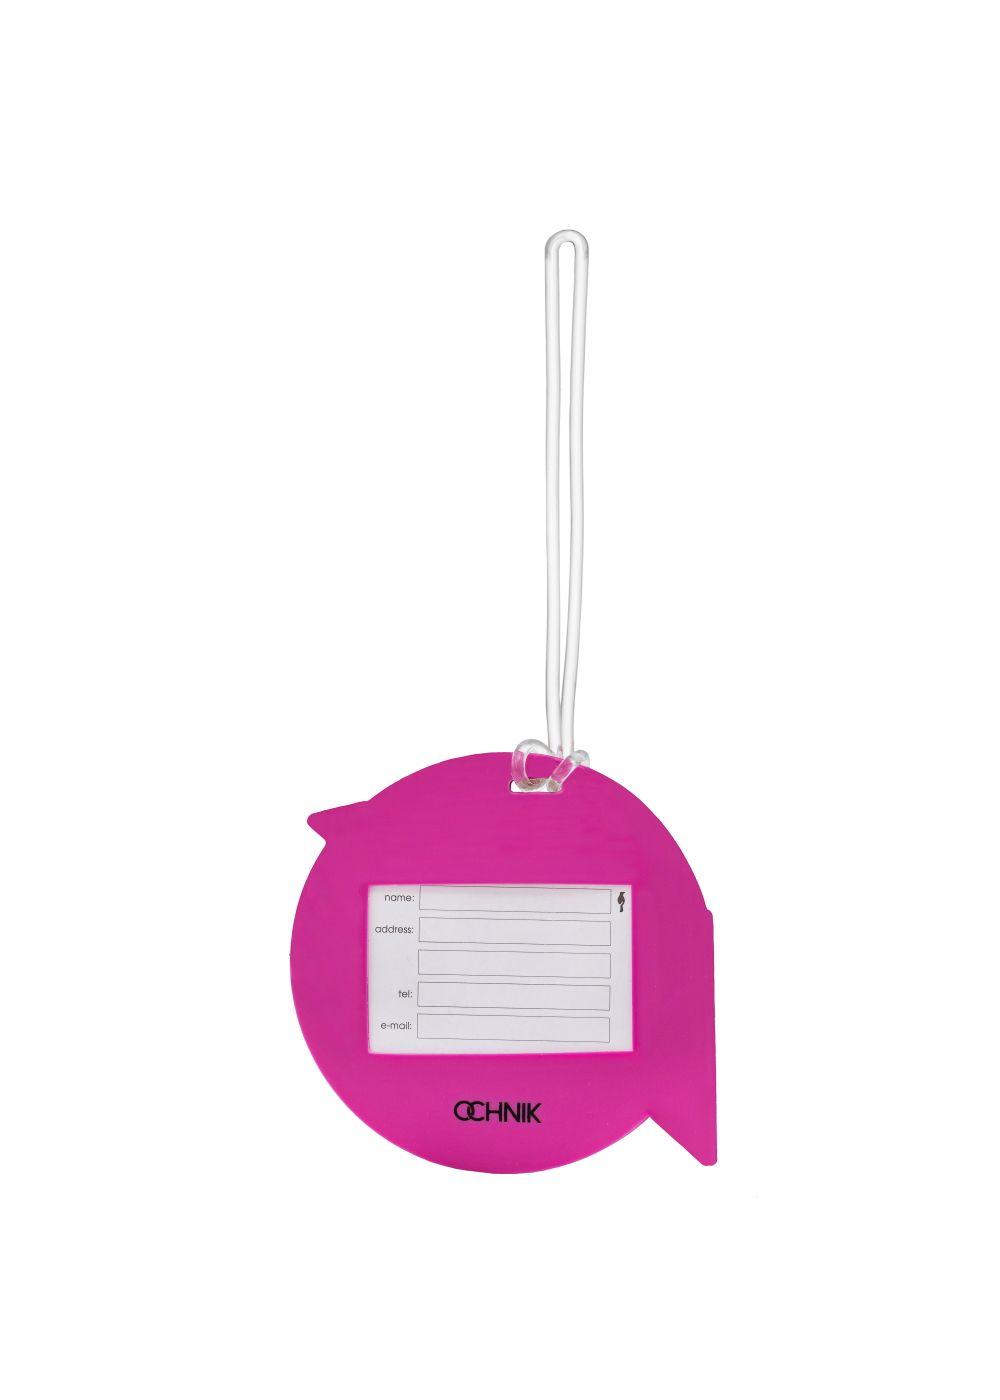 Identyfikator do bagażu AW-004-0004-21(W21)